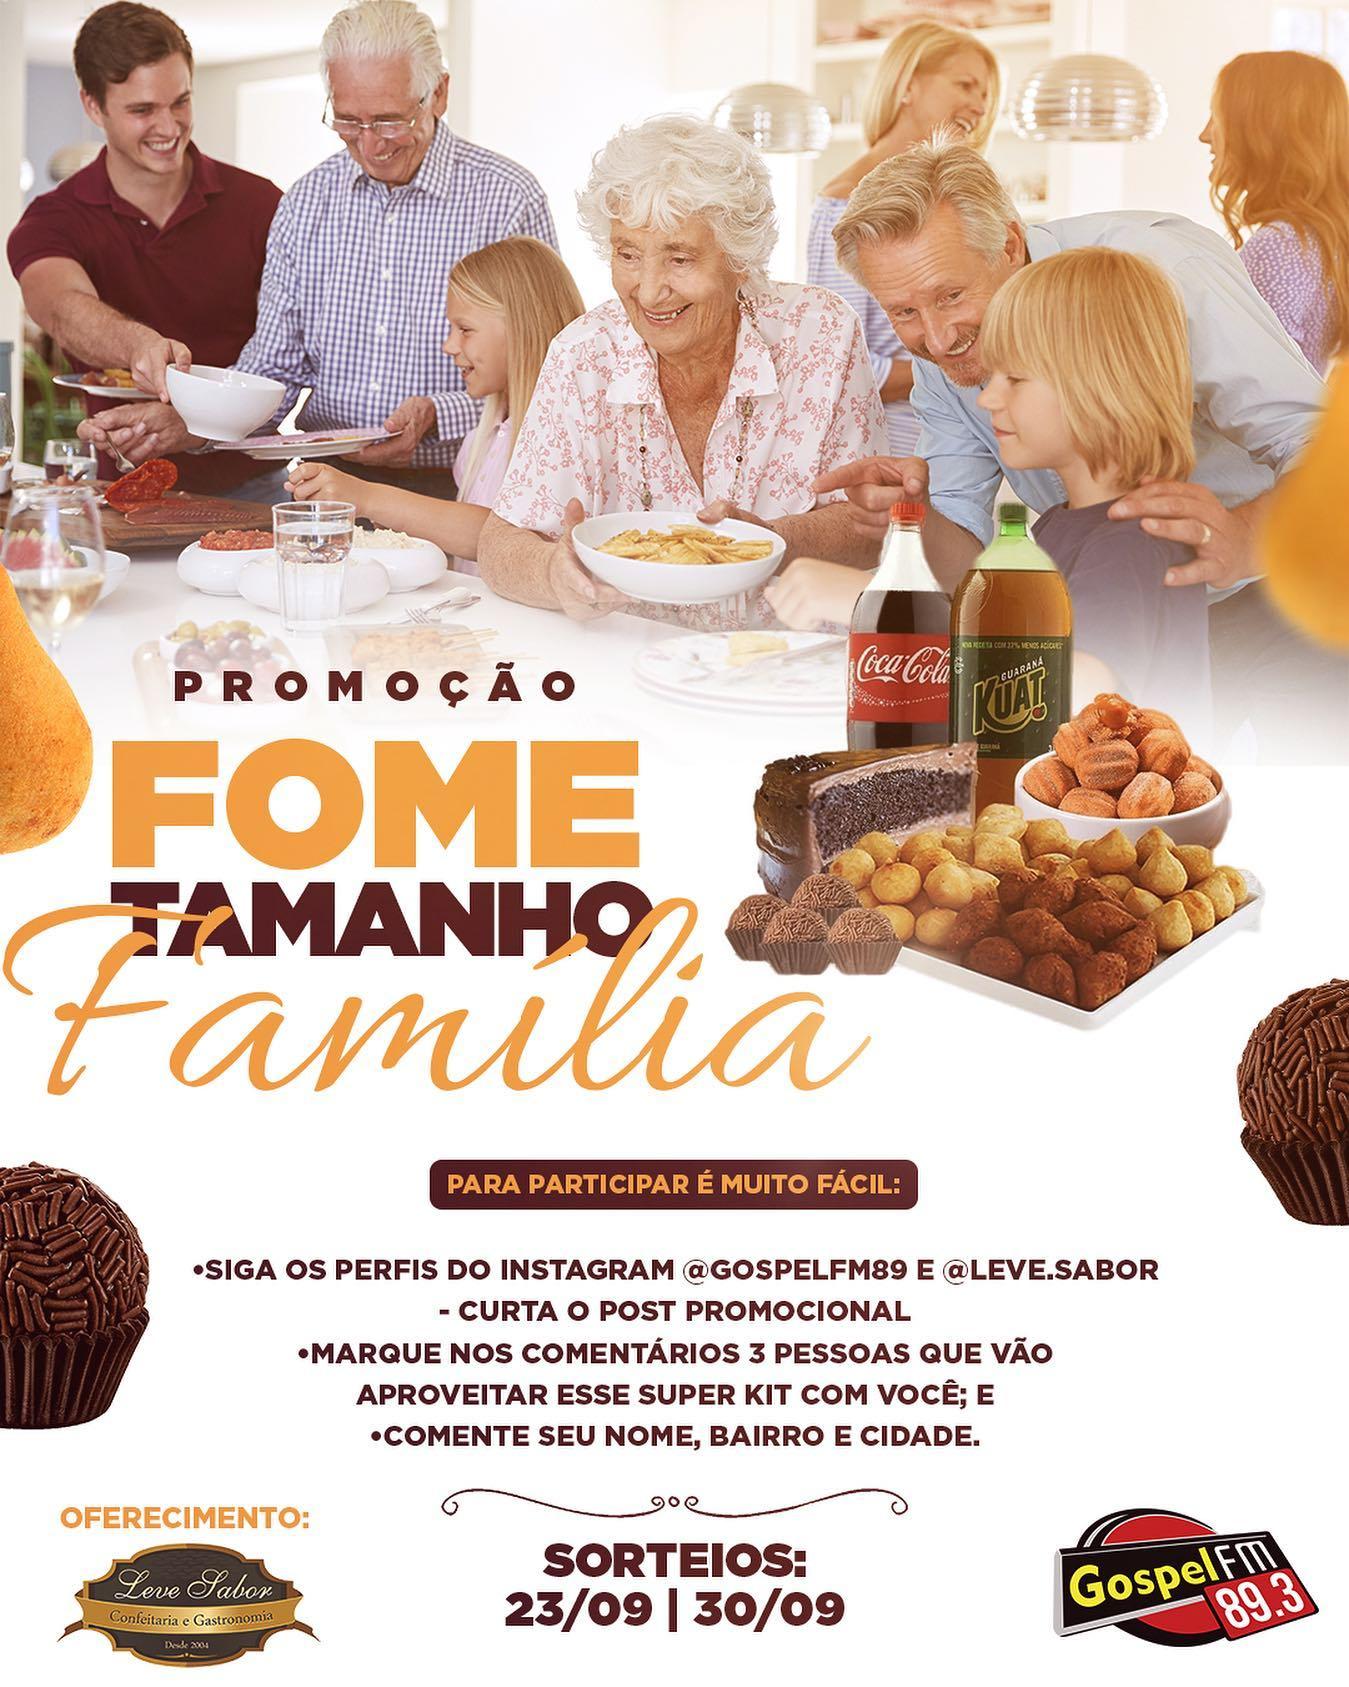 FOME TAMANHO FAMÍLIA